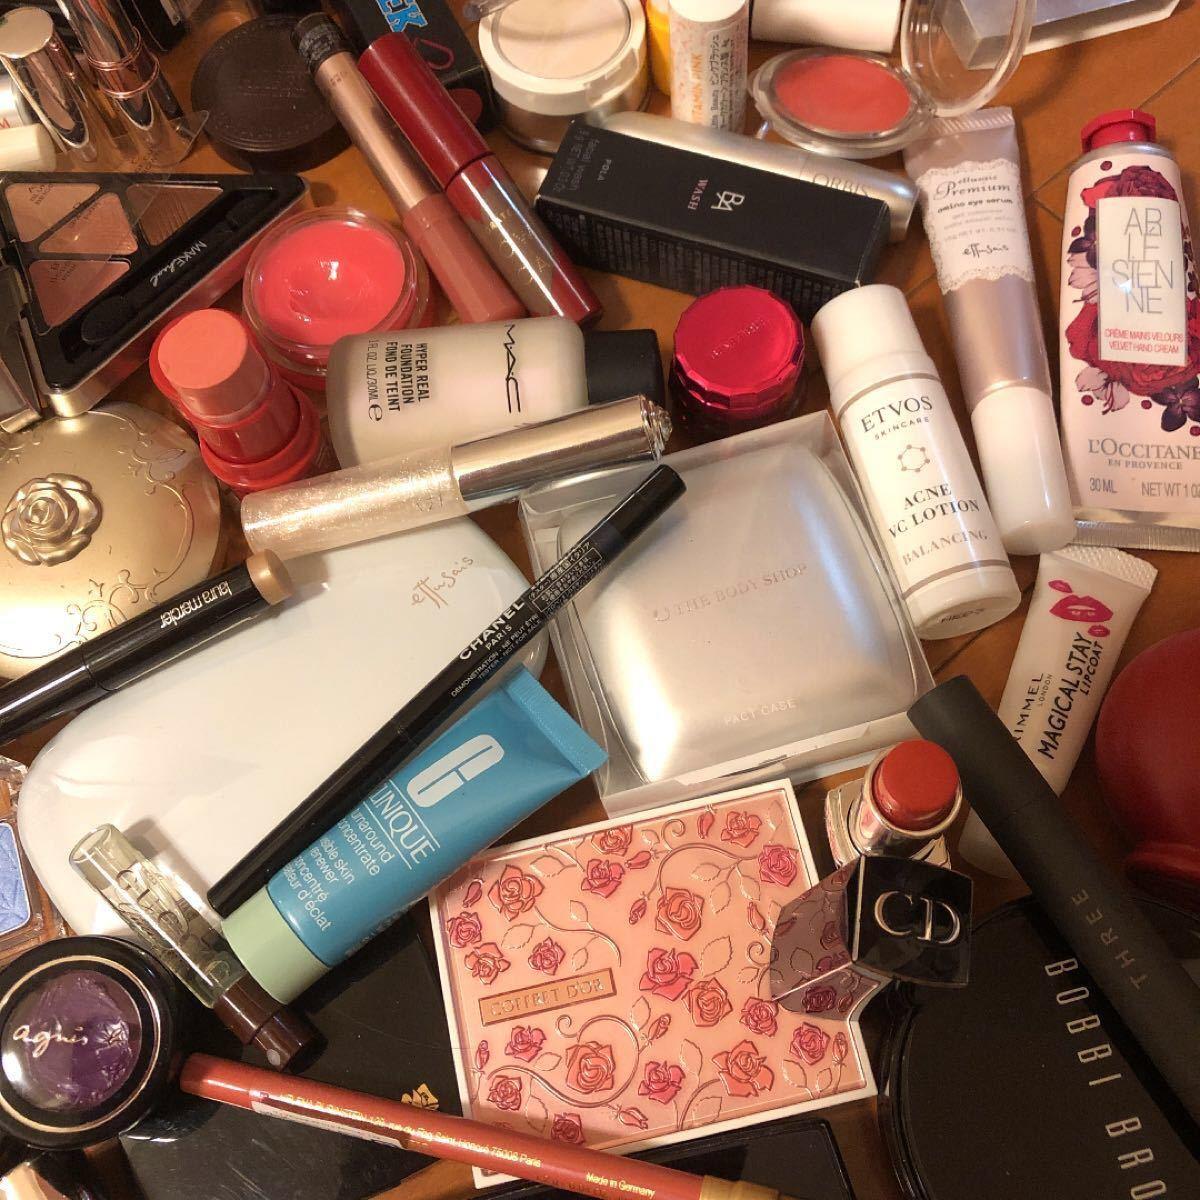 大量!コスメ 化粧品 まとめ売り 110点!新品未使用あり!シャネル、Dior